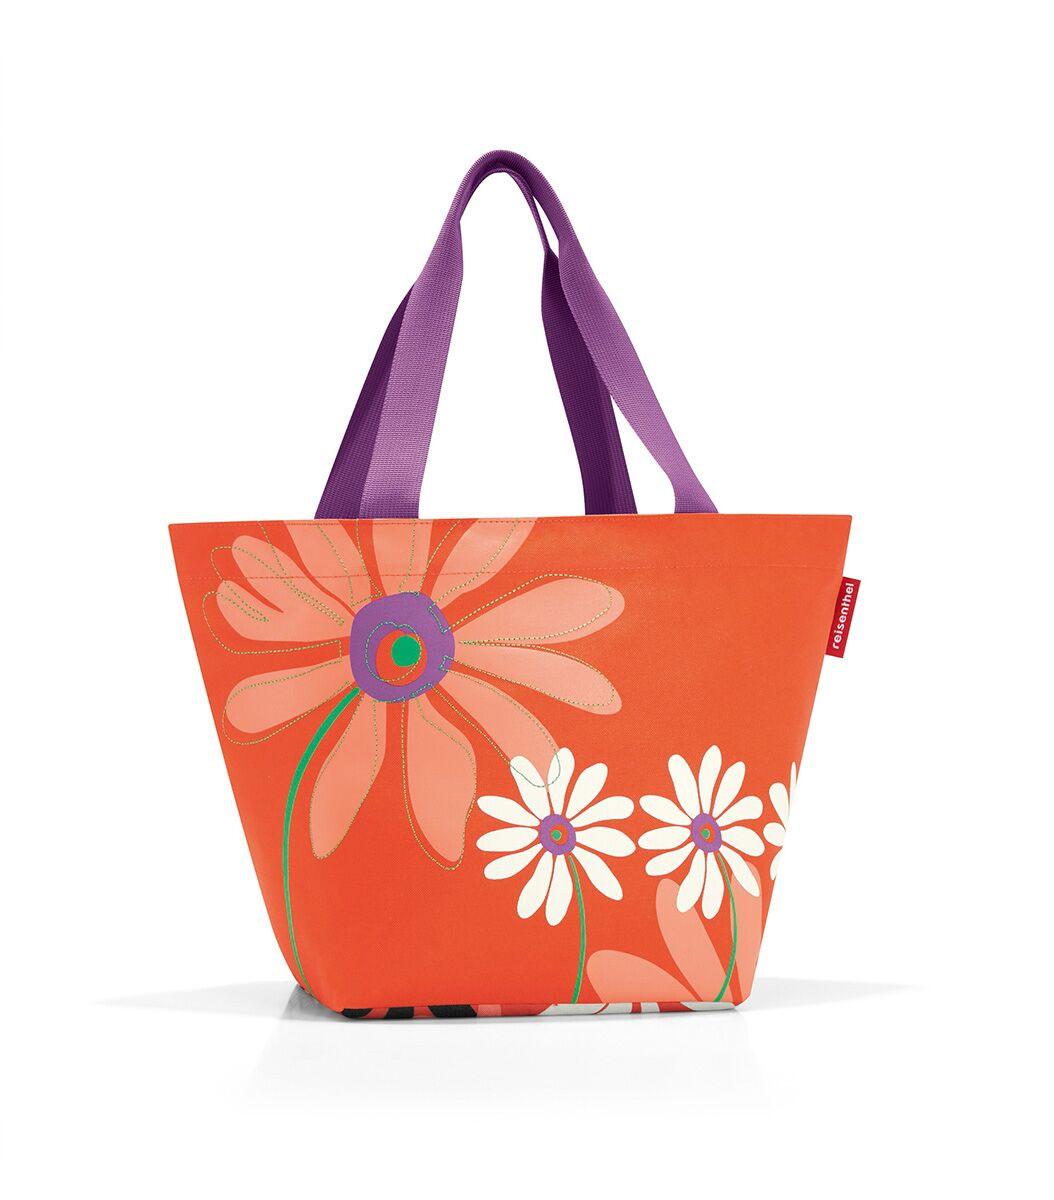 Сумка женская Reisenthel, цвет: оранжевый, мультиколор. ZS4043ML597BUL/DВместительная женская сумка Reisenthel, изготовленная из текстиля, оформлена оригинальным принтом и вышивкой. Сумка имеет одно отделение, которое закрывается на застежку-молнию. Внутри расположен нашивной карман на застежке-молнии. Сумка оснащена двумя длинными ручками.